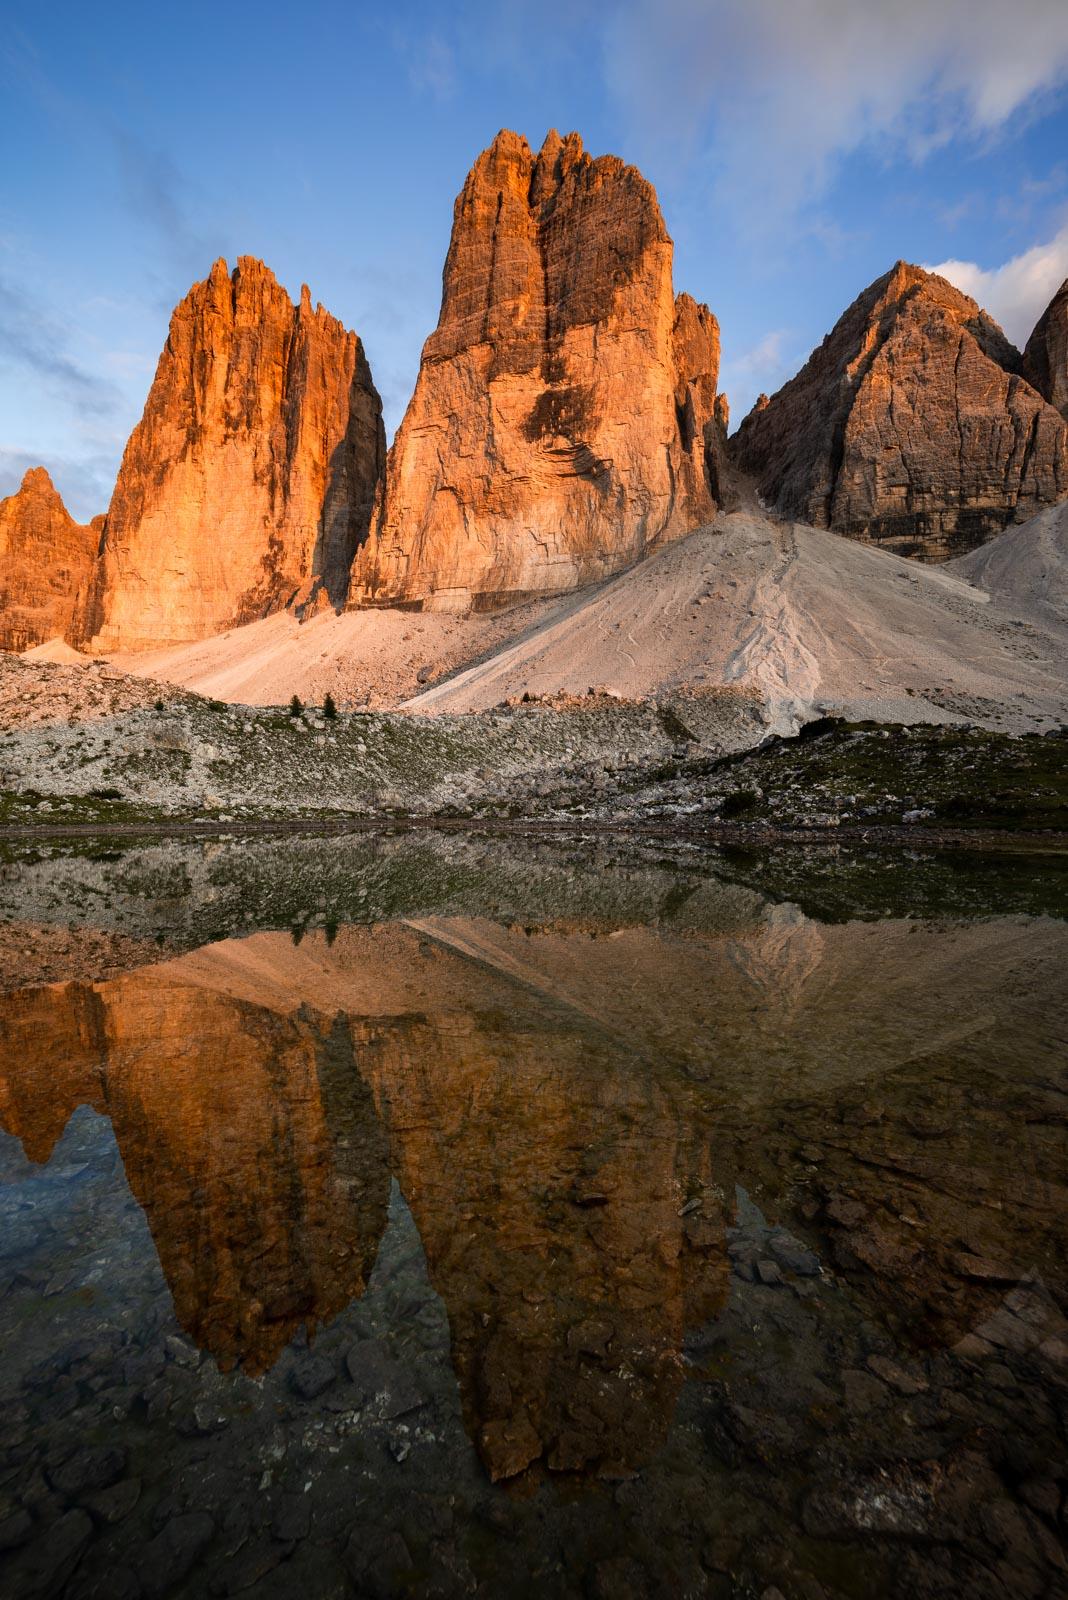 Drei Zinnen im Abendlicht, Dolomiten, Italien, Südtirol